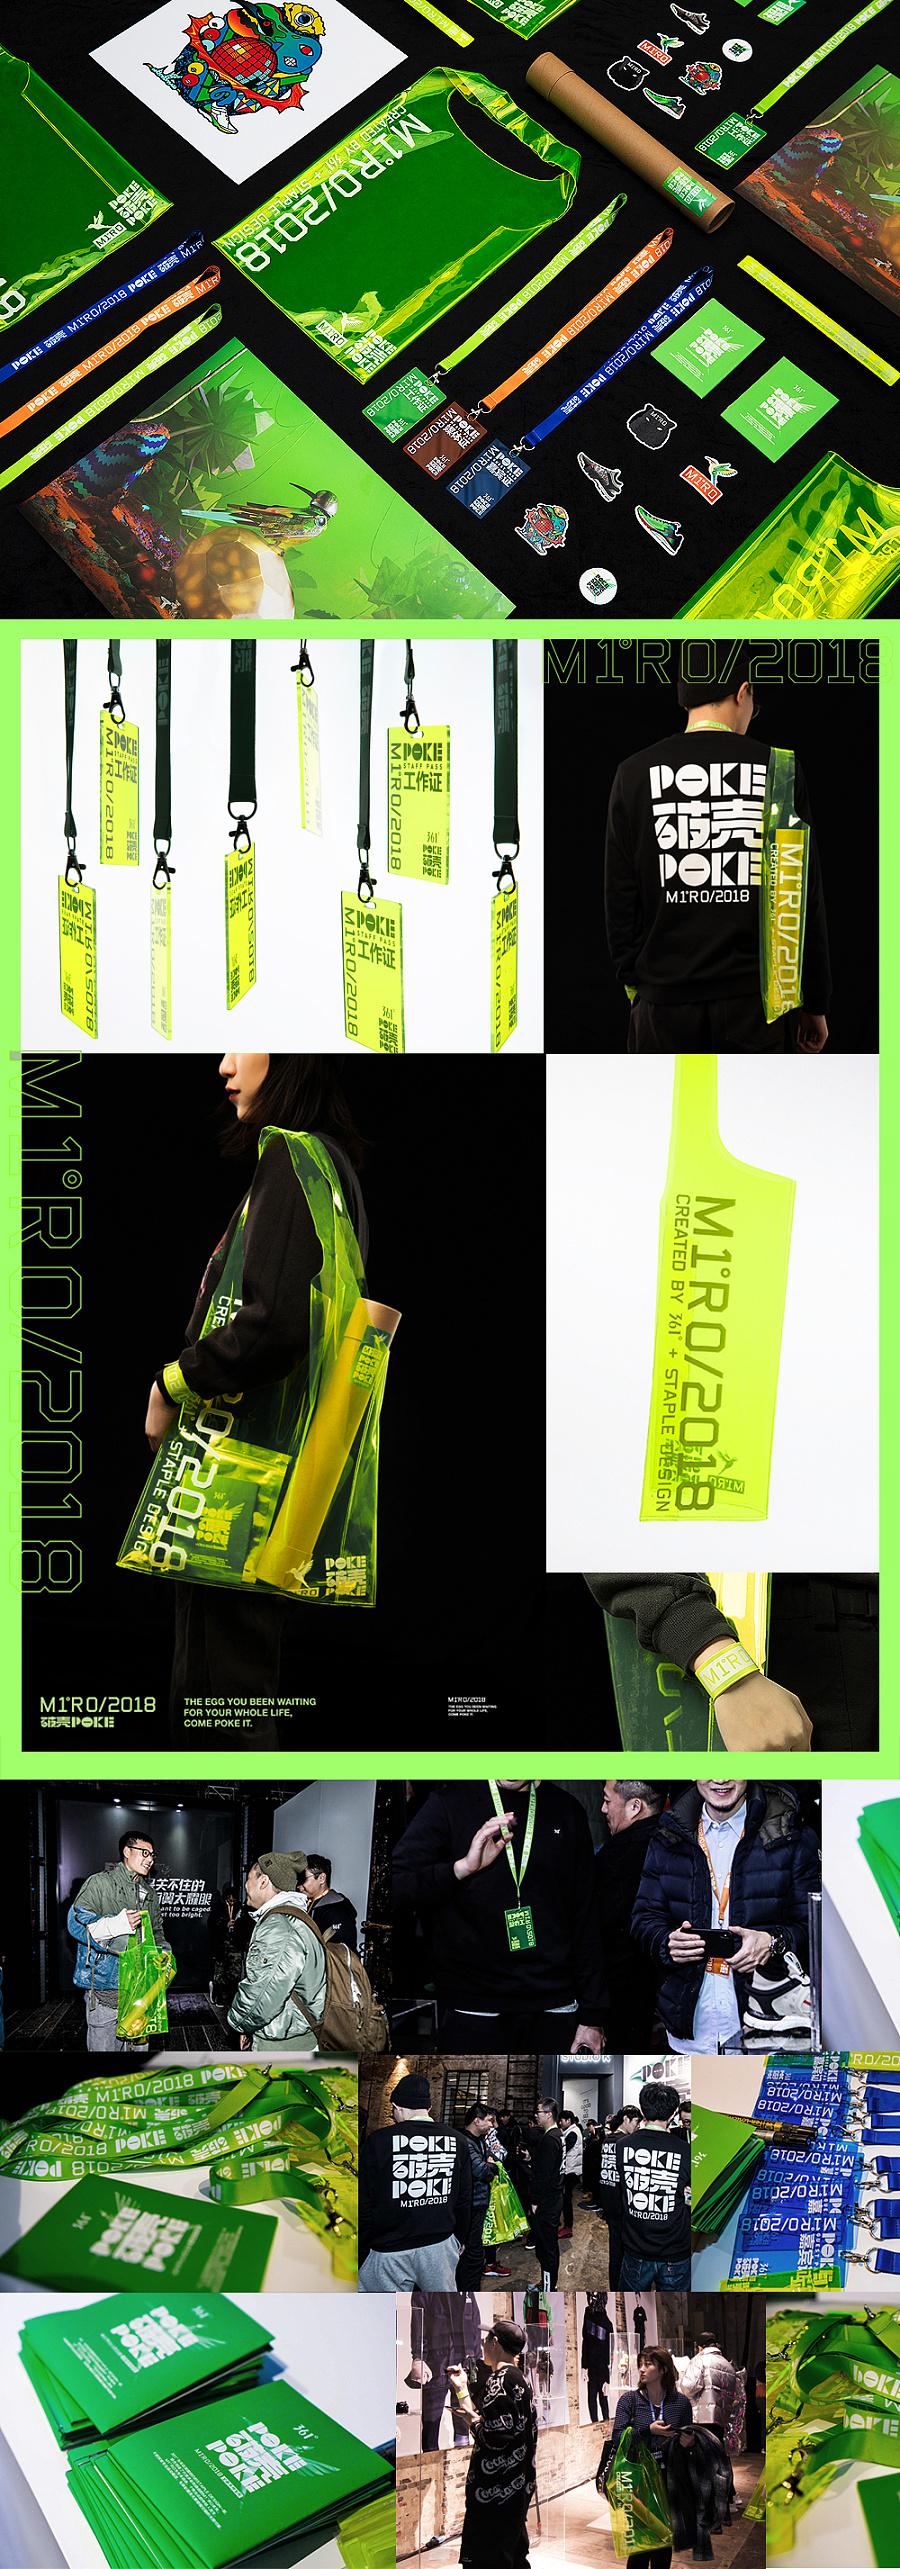 查看《M1°RO「破壳而出」潮流艺术展与新品发布会》原图,原图尺寸:1000x2854